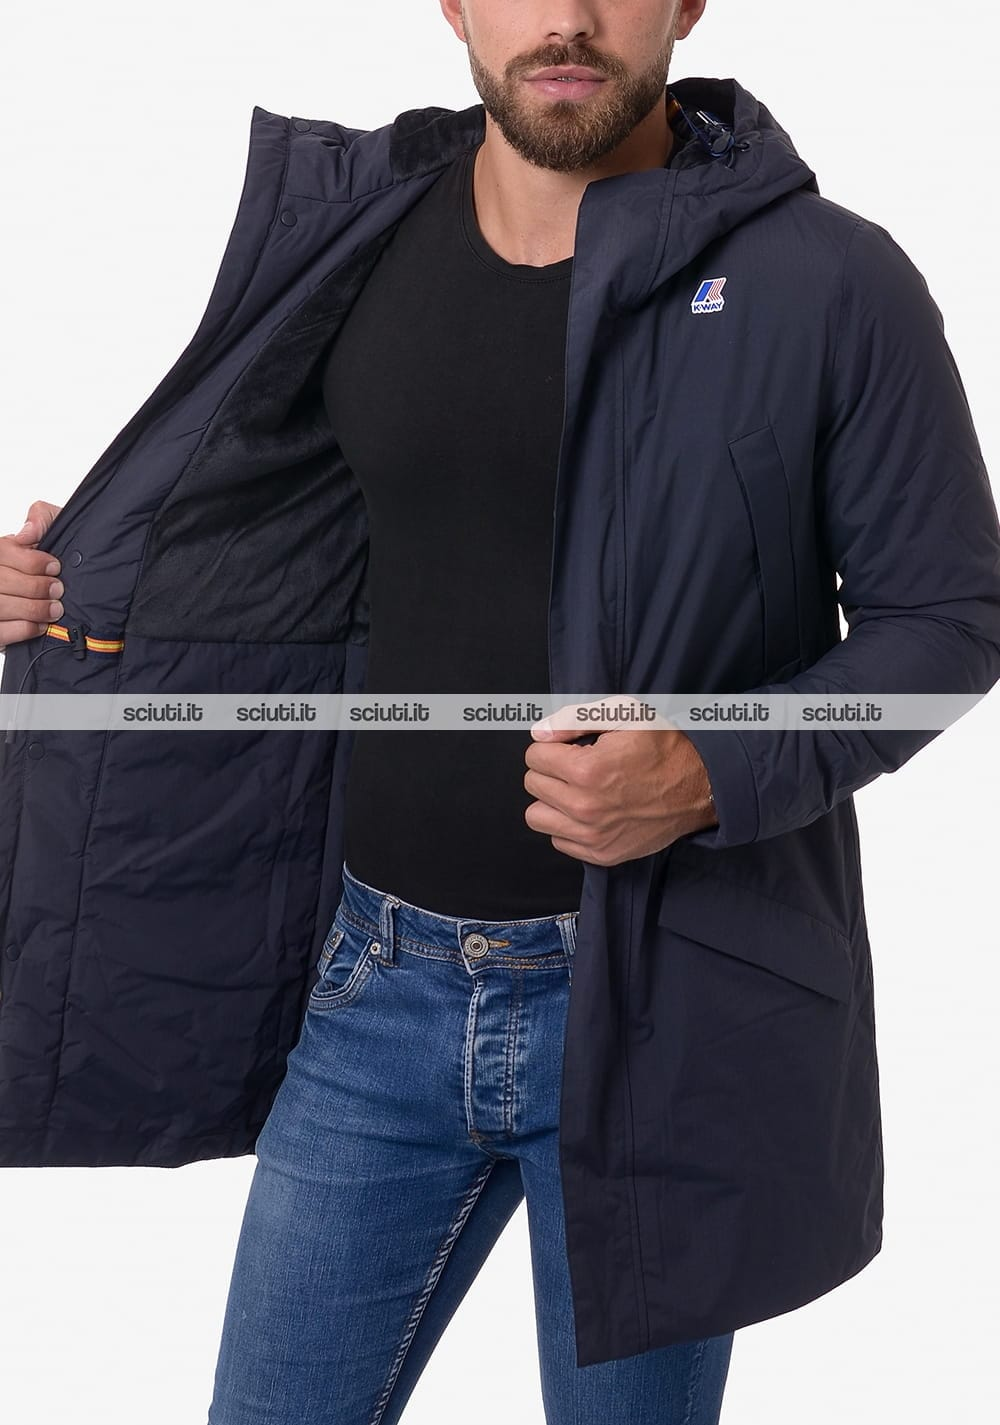 Cappotto Kway uomo blu scuro Remi ripstop marmotta | Sciuti.it